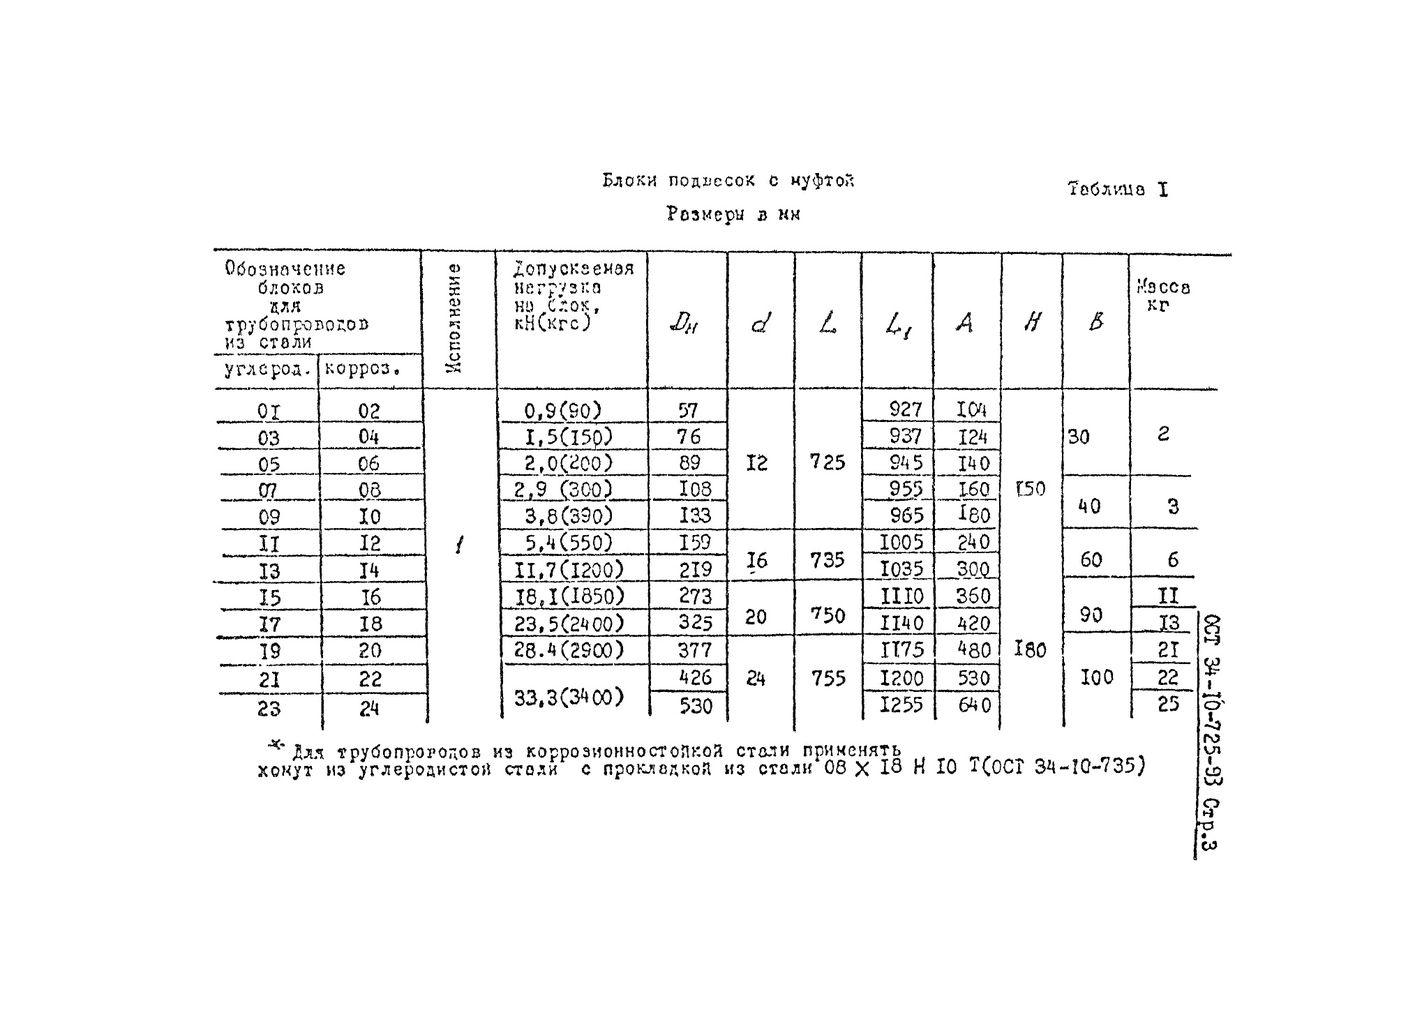 Блоки подвесок хомутовые ОСТ 34-10-725-93 стр.3